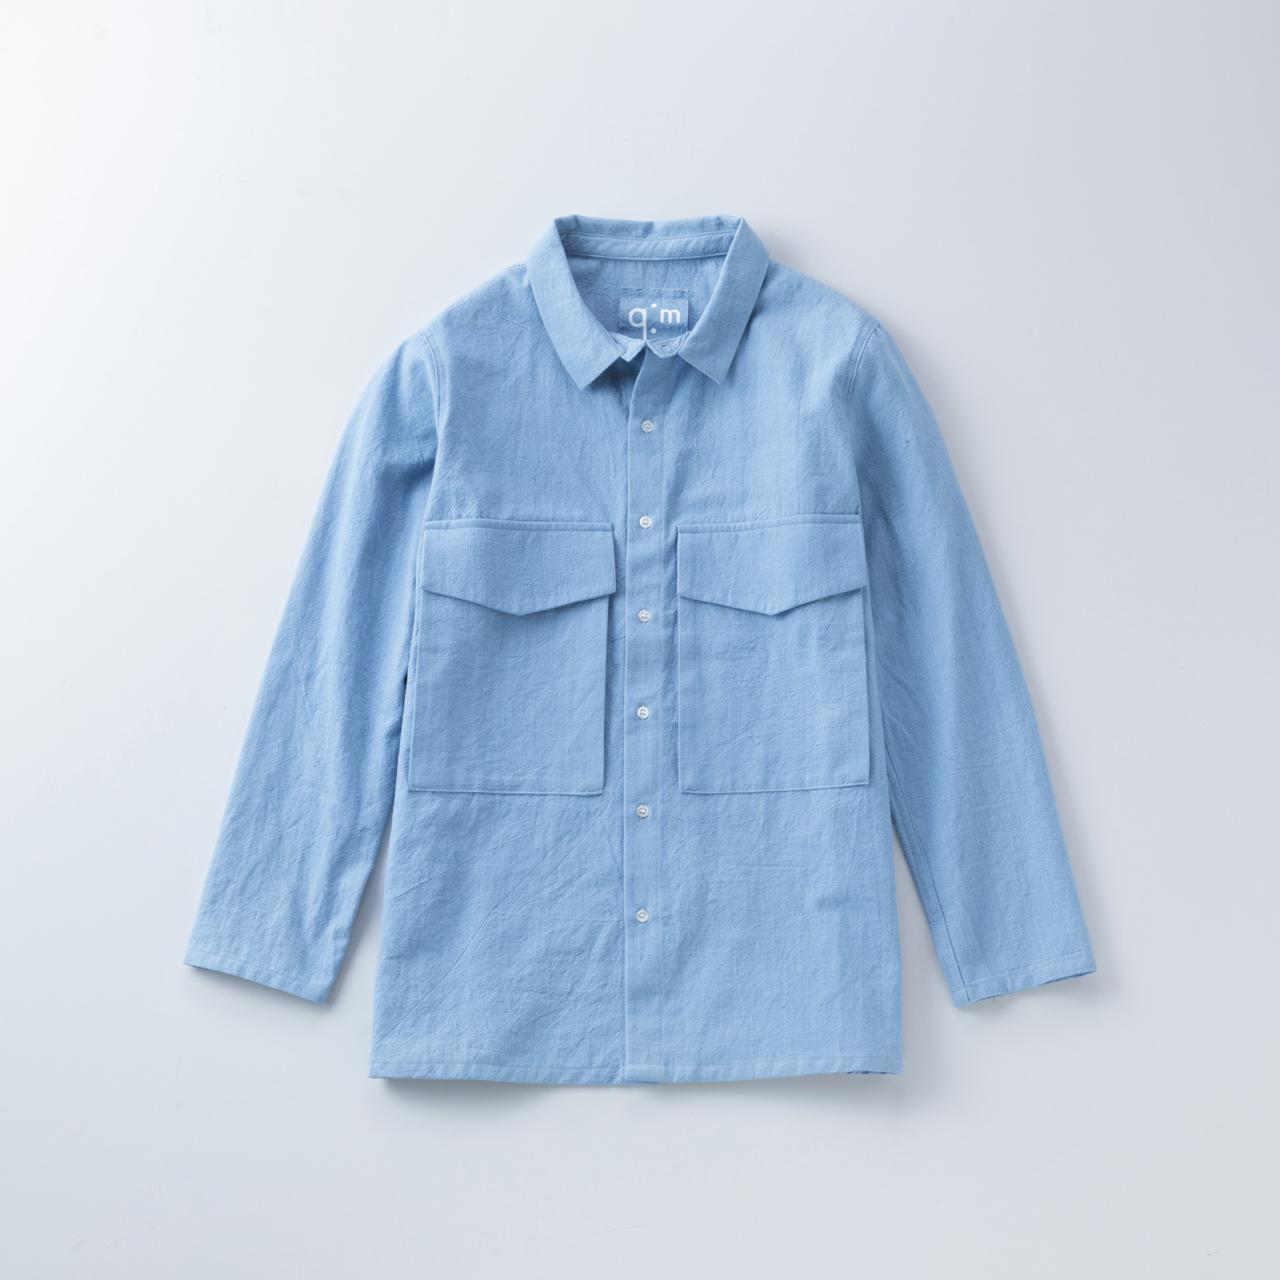 節織薄紺トップス1